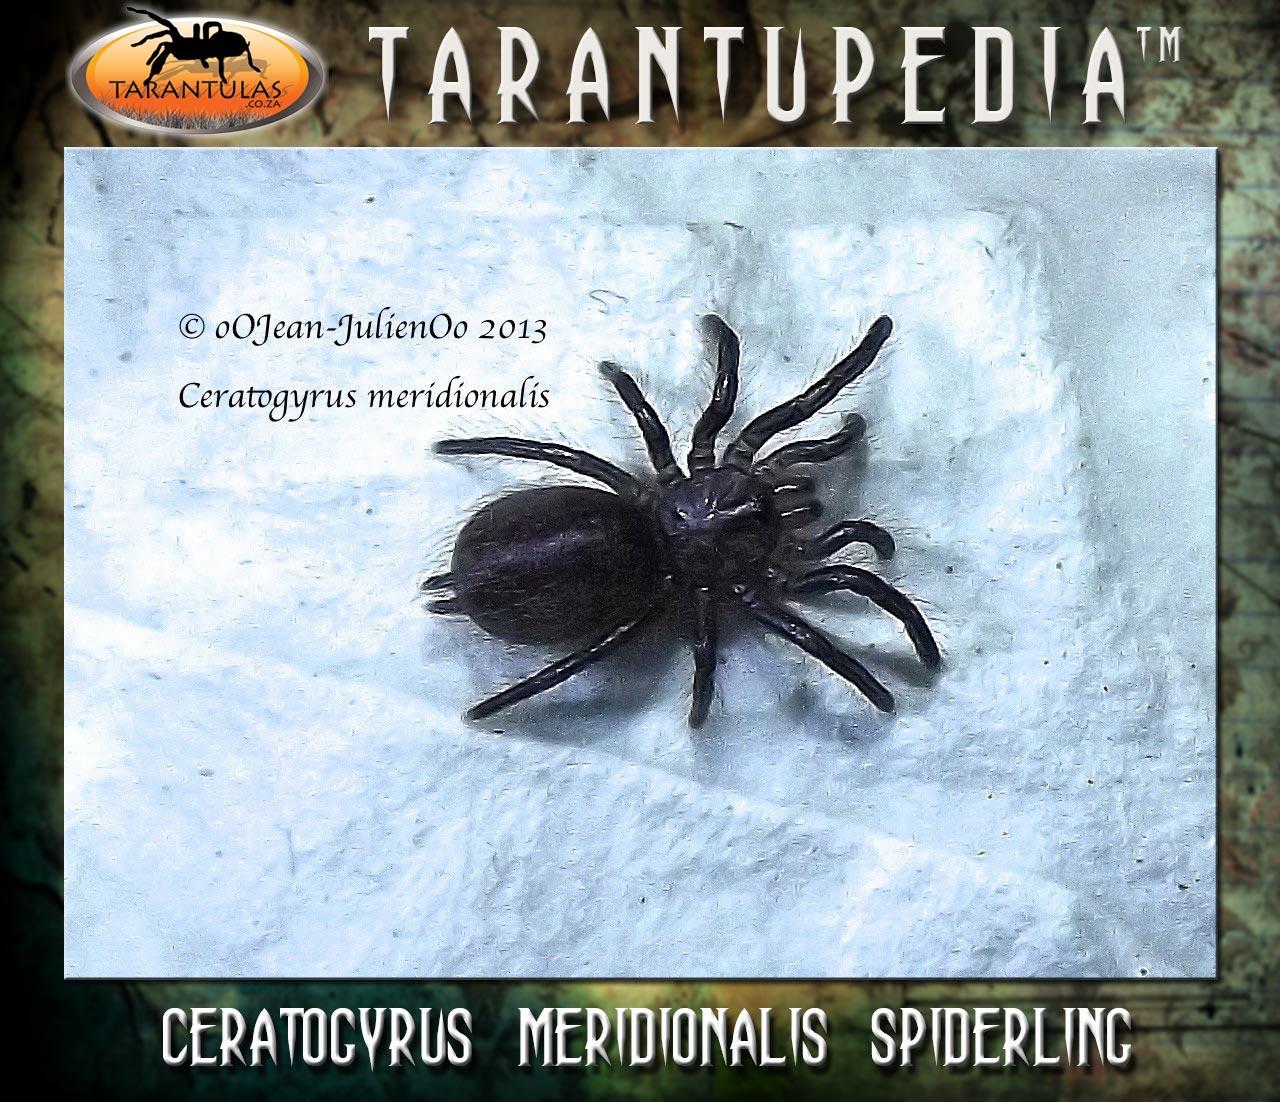 Ceratogyrus meridionalis